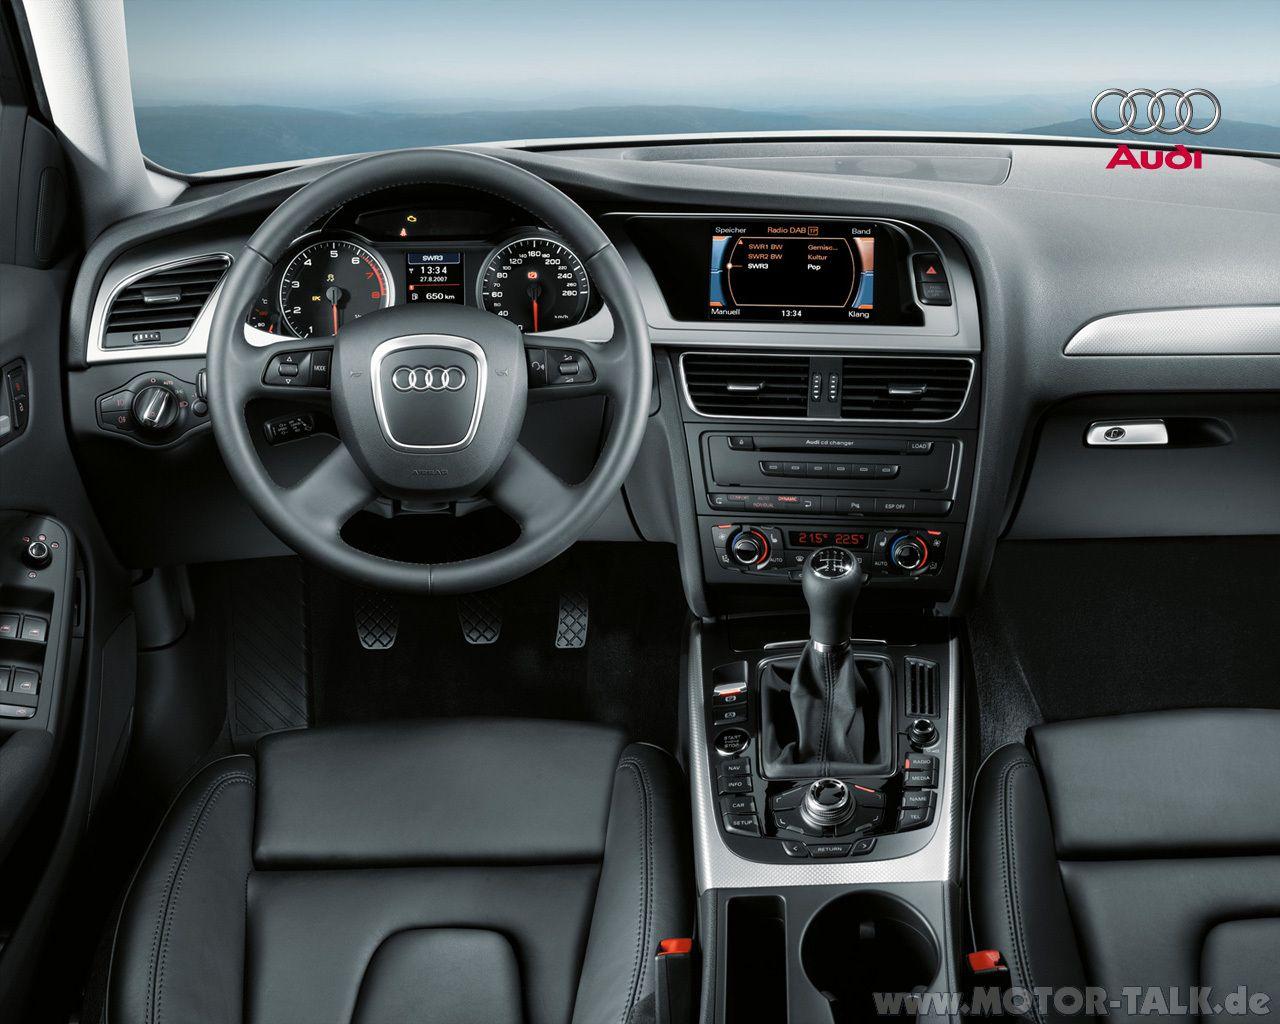 Audi A4 2008 Dashboard Audi A4 Audi Audi A4 2008